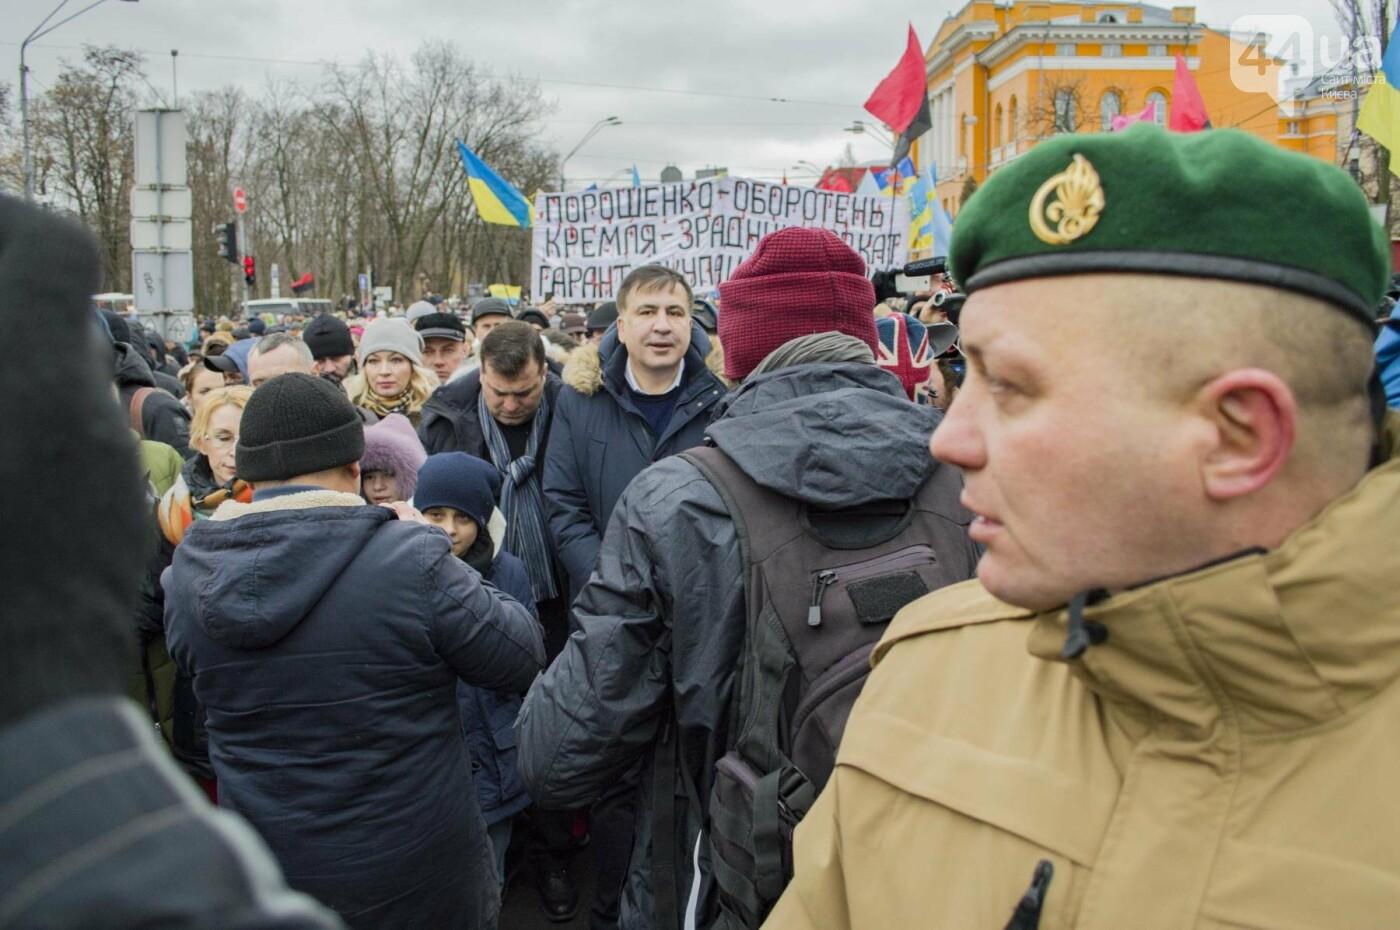 Порошенко дали 14 дней на отставку: Саакашвили провел очередной марш за импичмент, фото-1